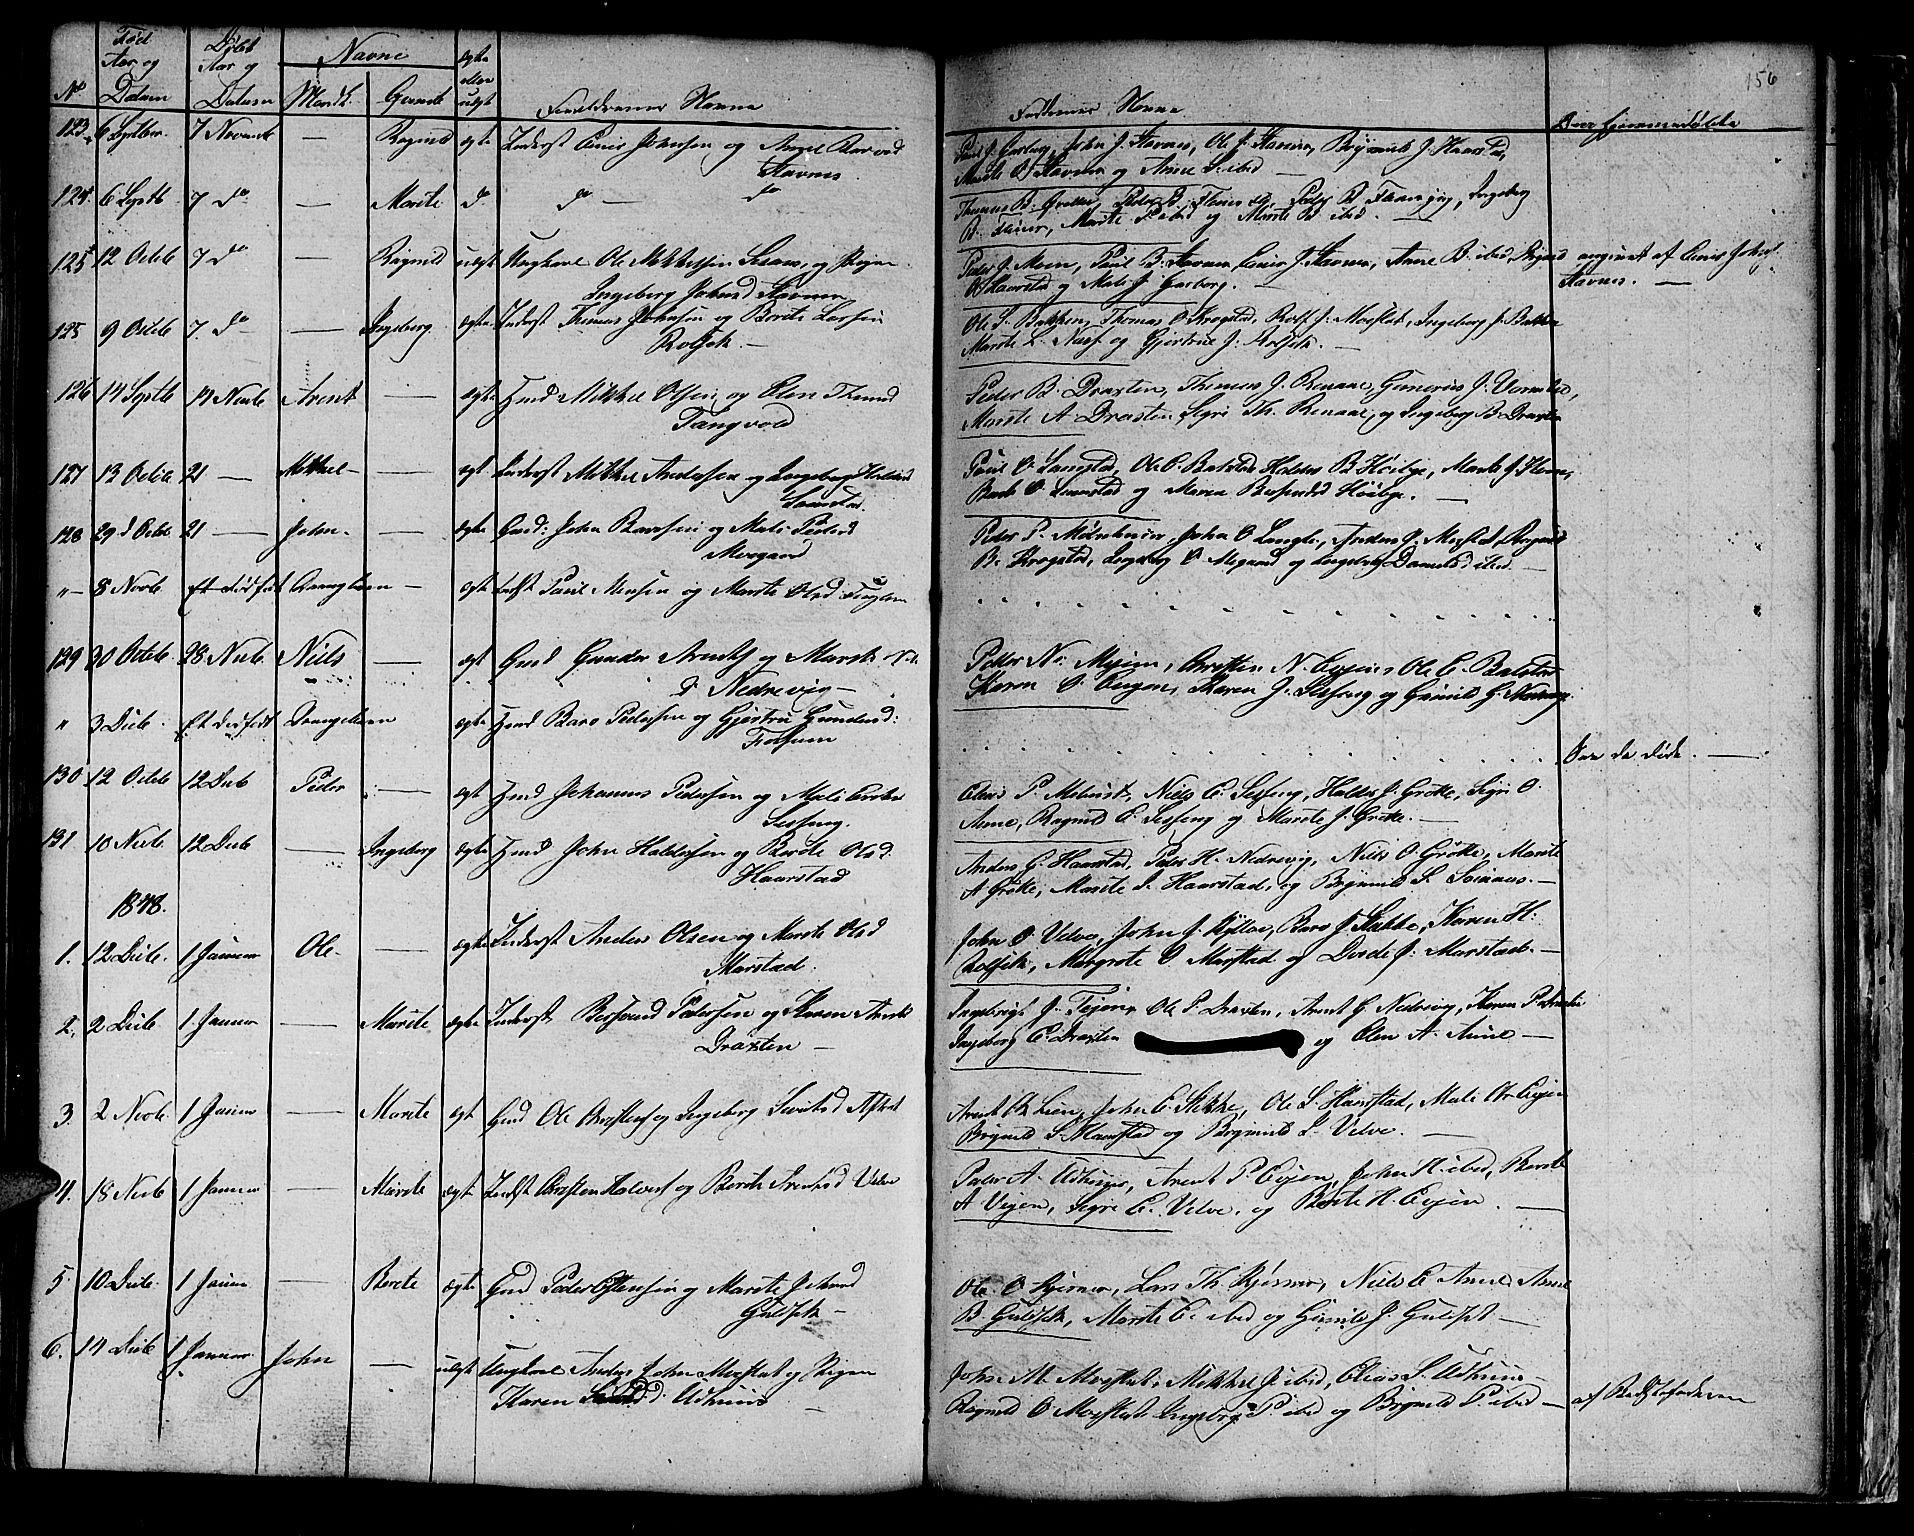 SAT, Ministerialprotokoller, klokkerbøker og fødselsregistre - Sør-Trøndelag, 695/L1154: Klokkerbok nr. 695C05, 1842-1858, s. 156